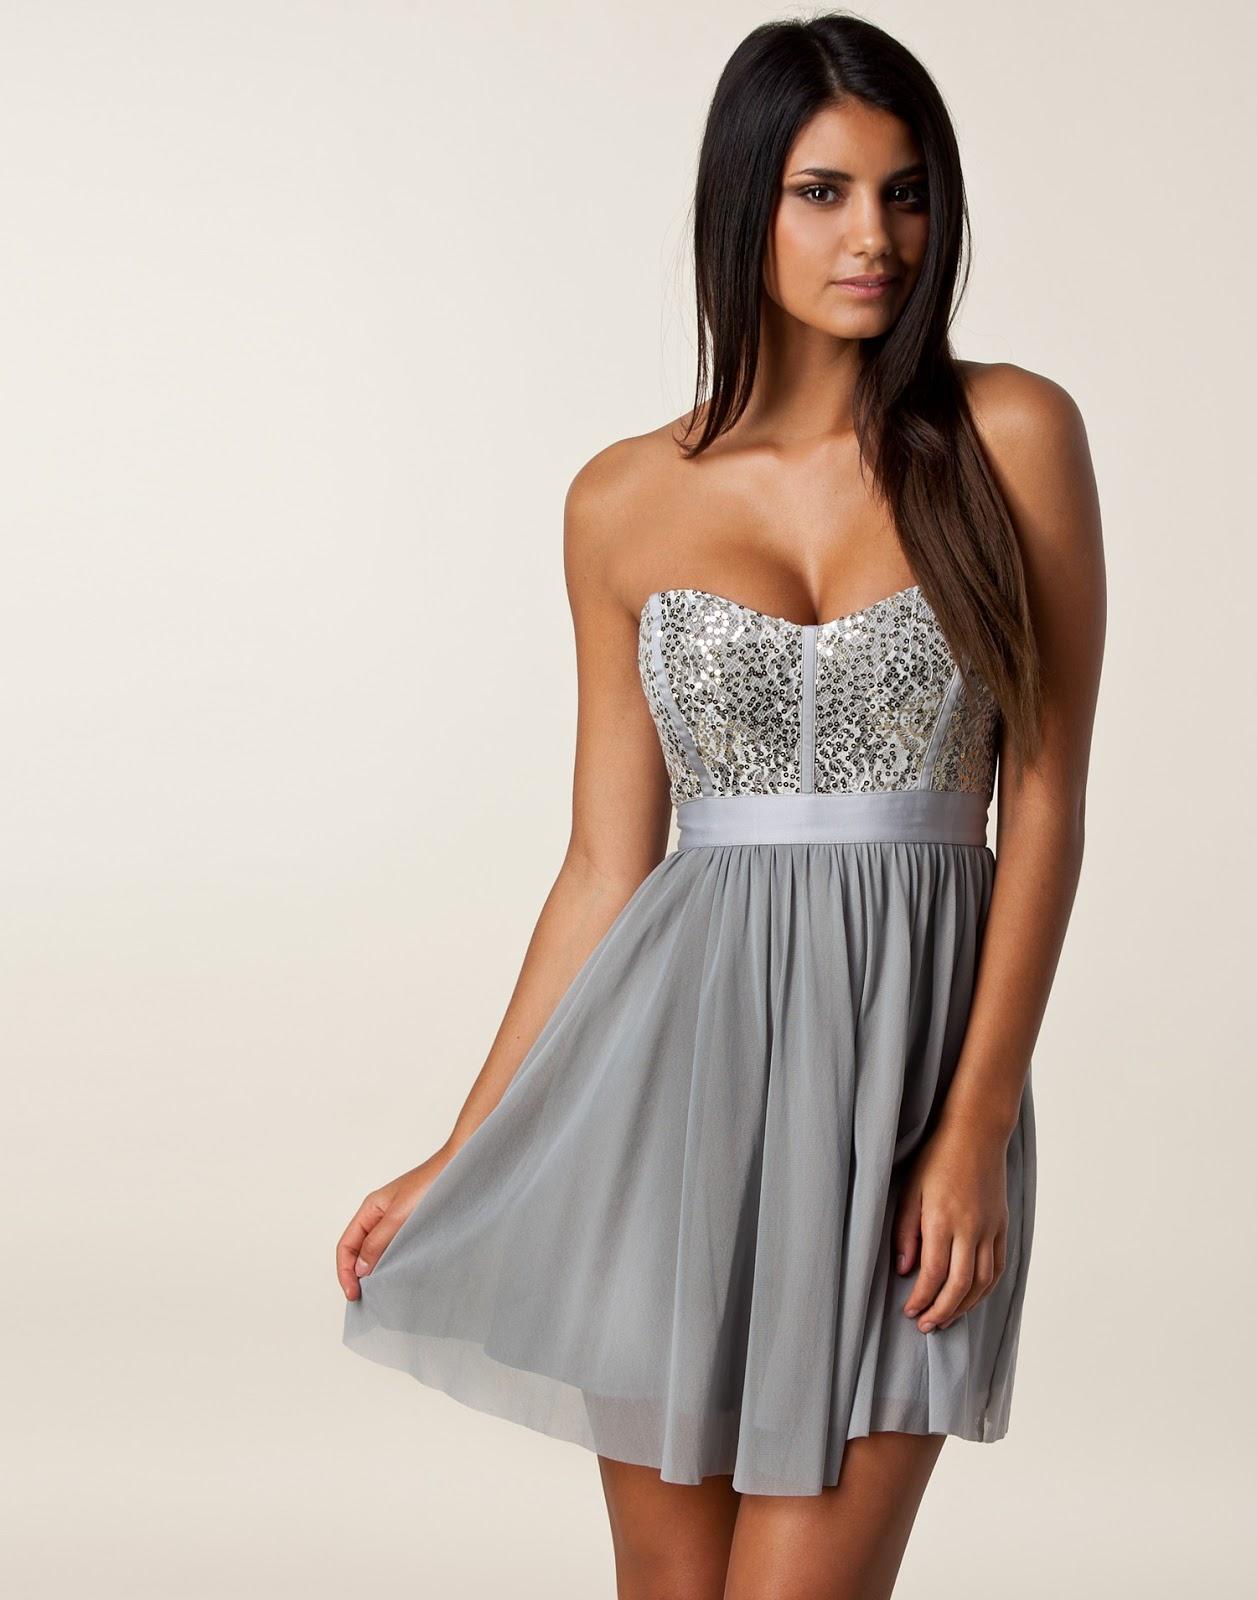 Vestidos cortos y largos, para fiesta, especialmente de día, aunque algunos pueden usarse de noche. Espero te guste esta selección de las fotos más vistas